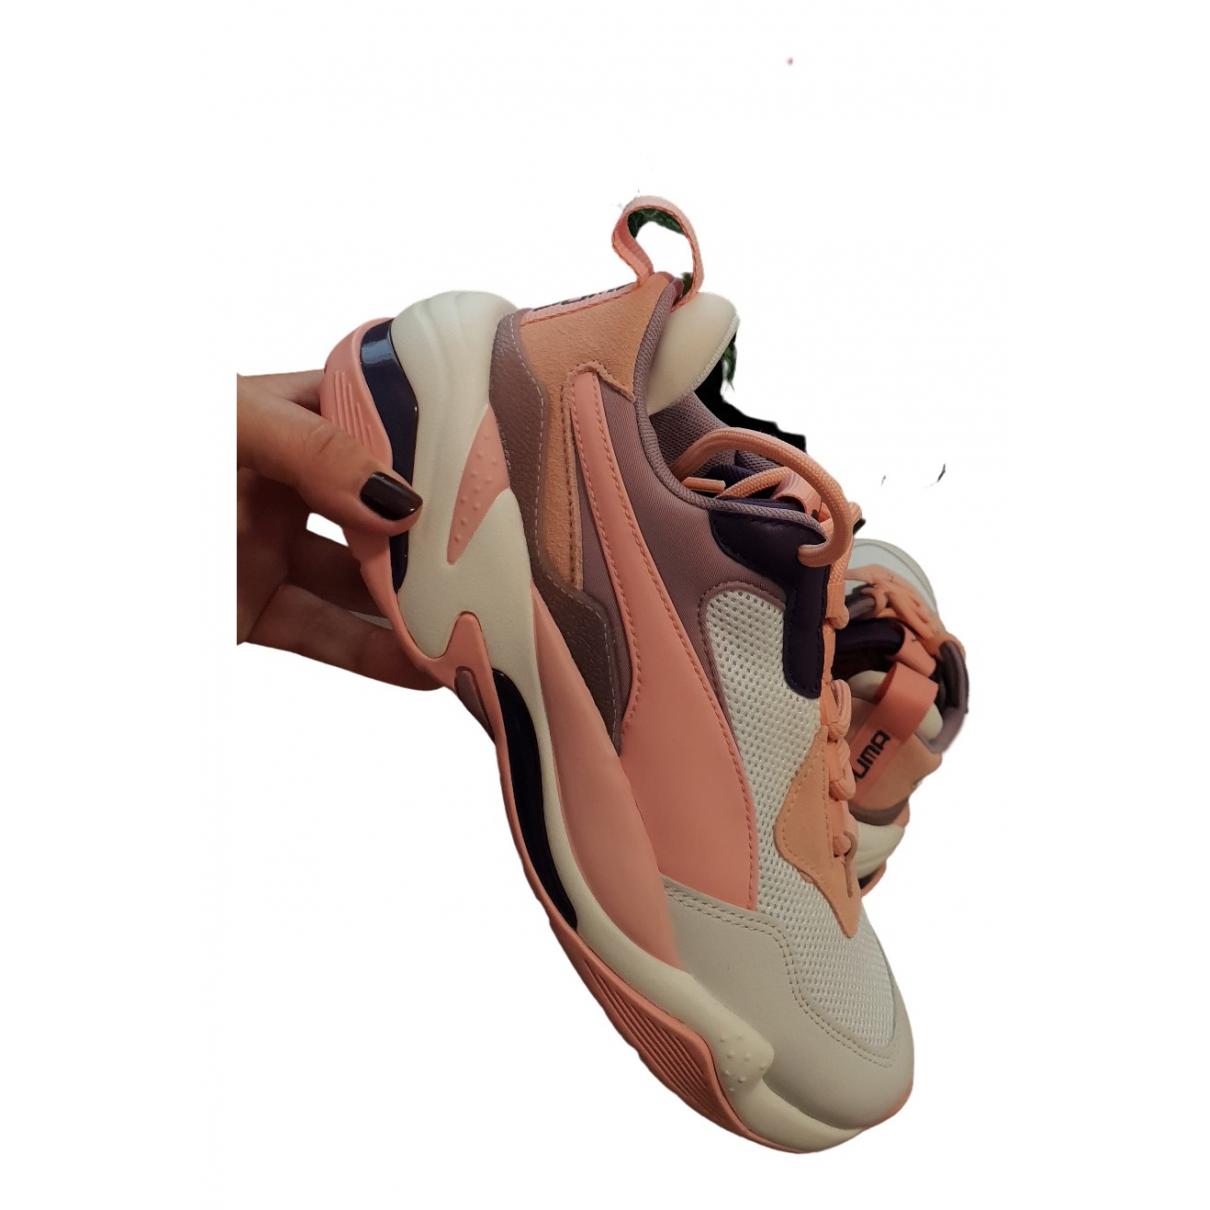 Puma - Baskets   pour femme en caoutchouc - multicolore